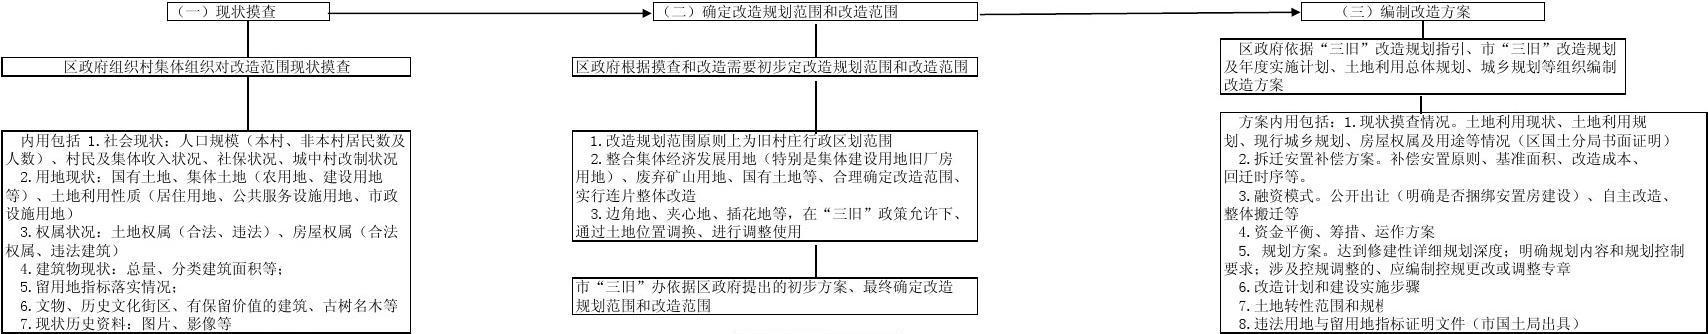 广州市城中村改造流程图